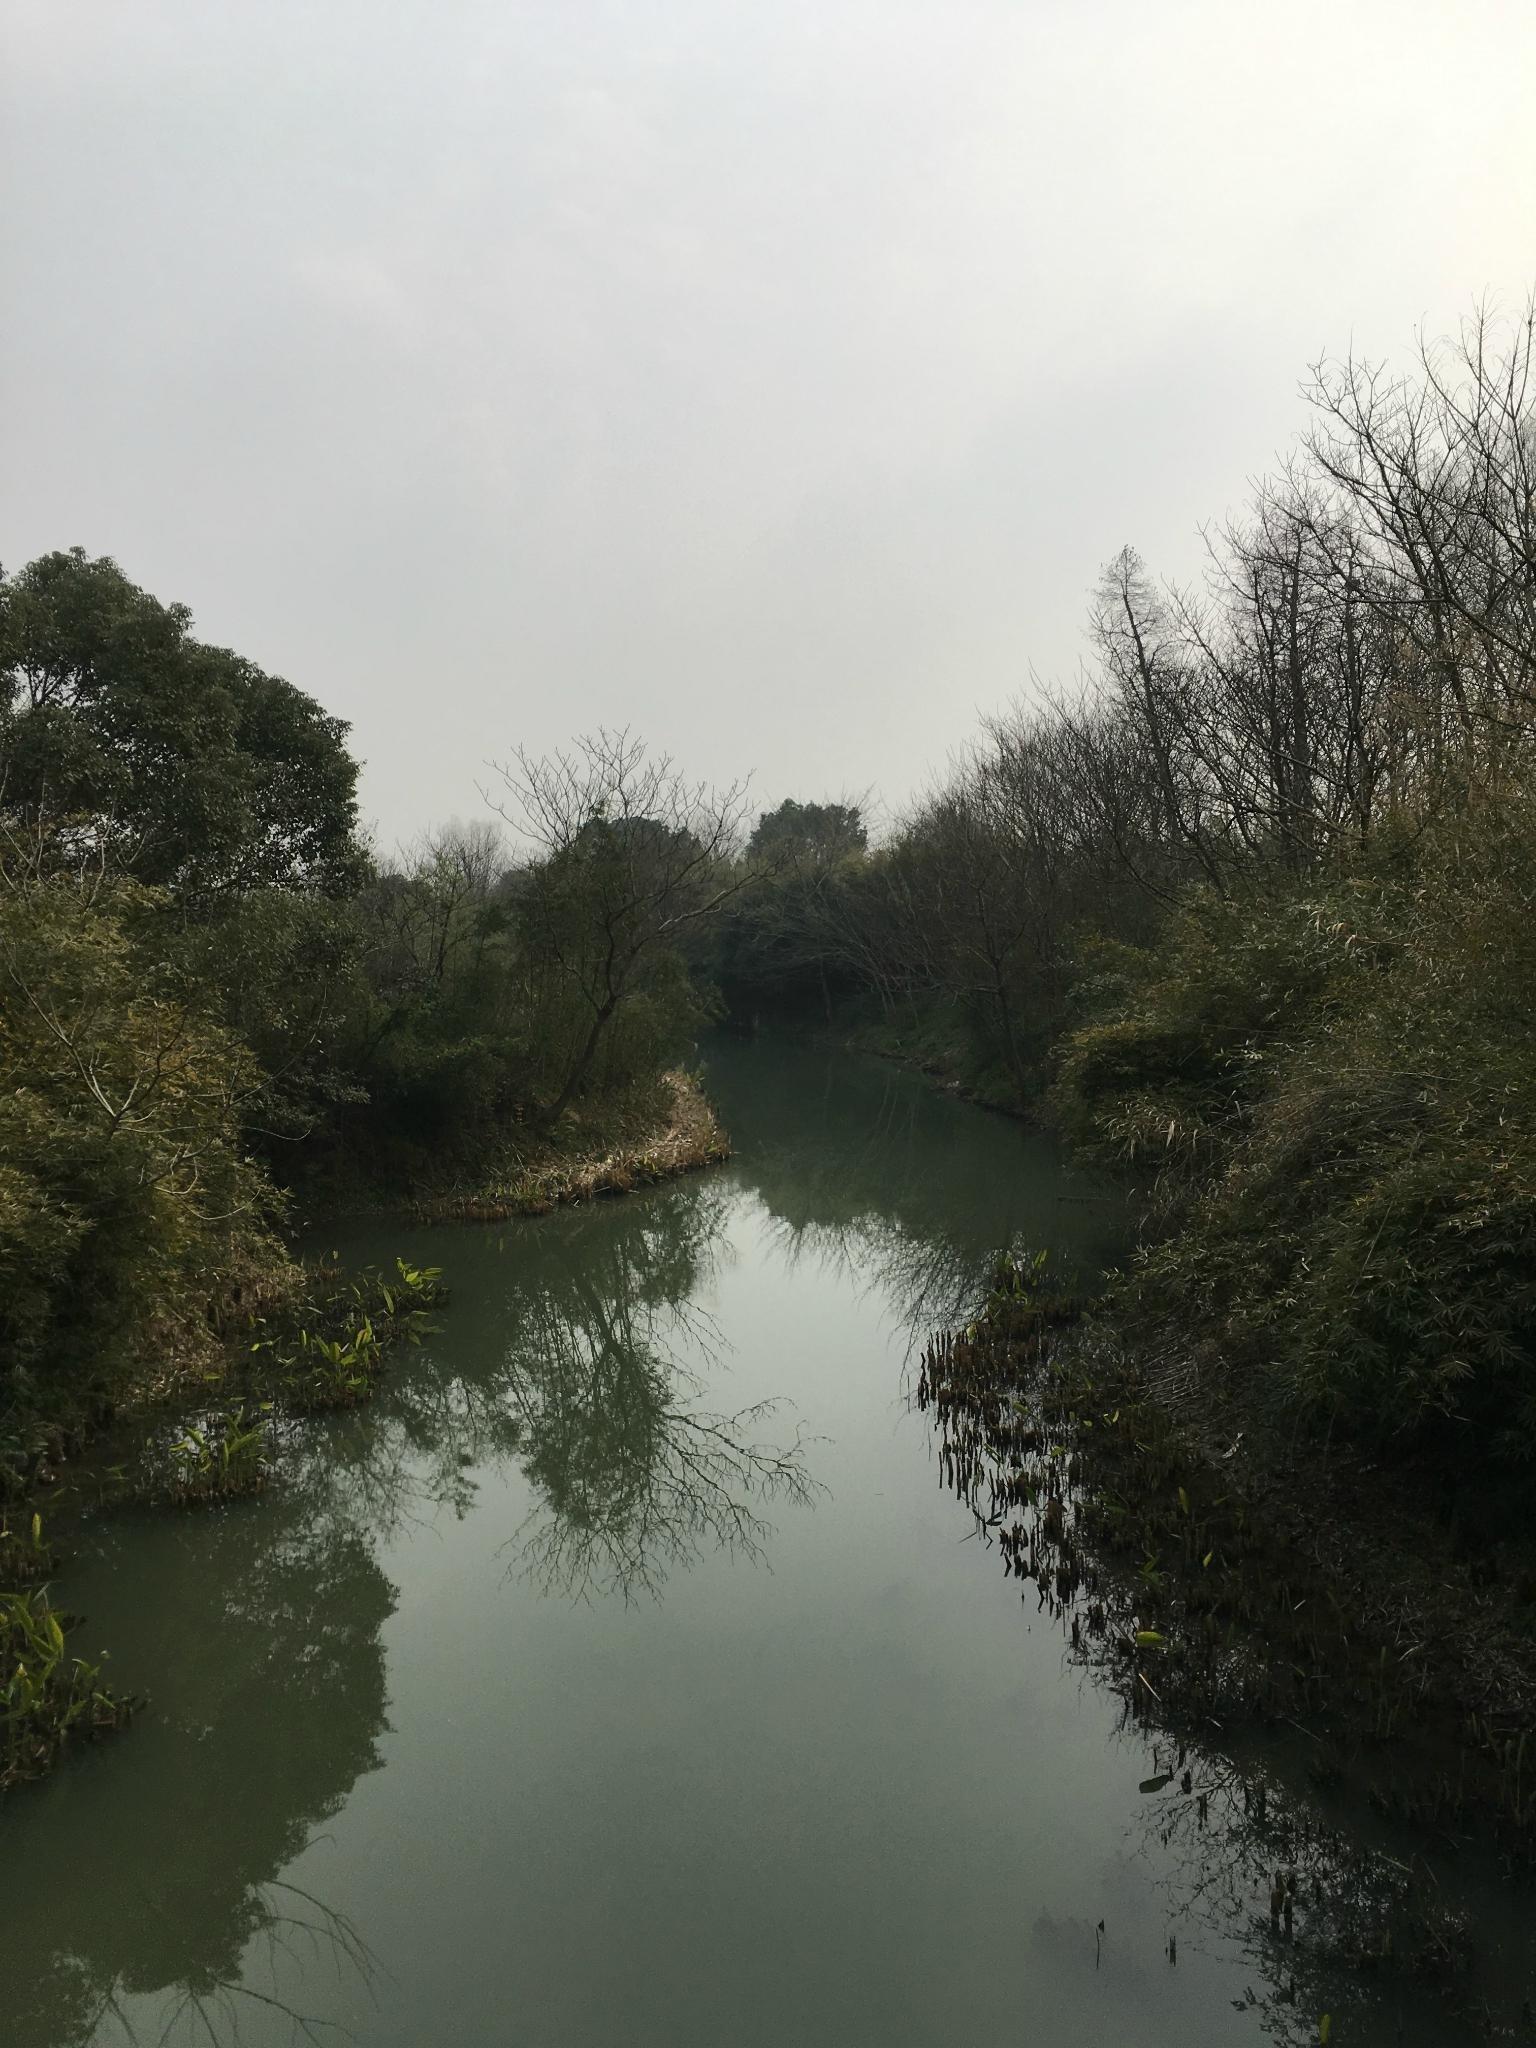 三八前的西溪攻略公园_杭州旅游海鲜_自助游攻略京深湿地图片